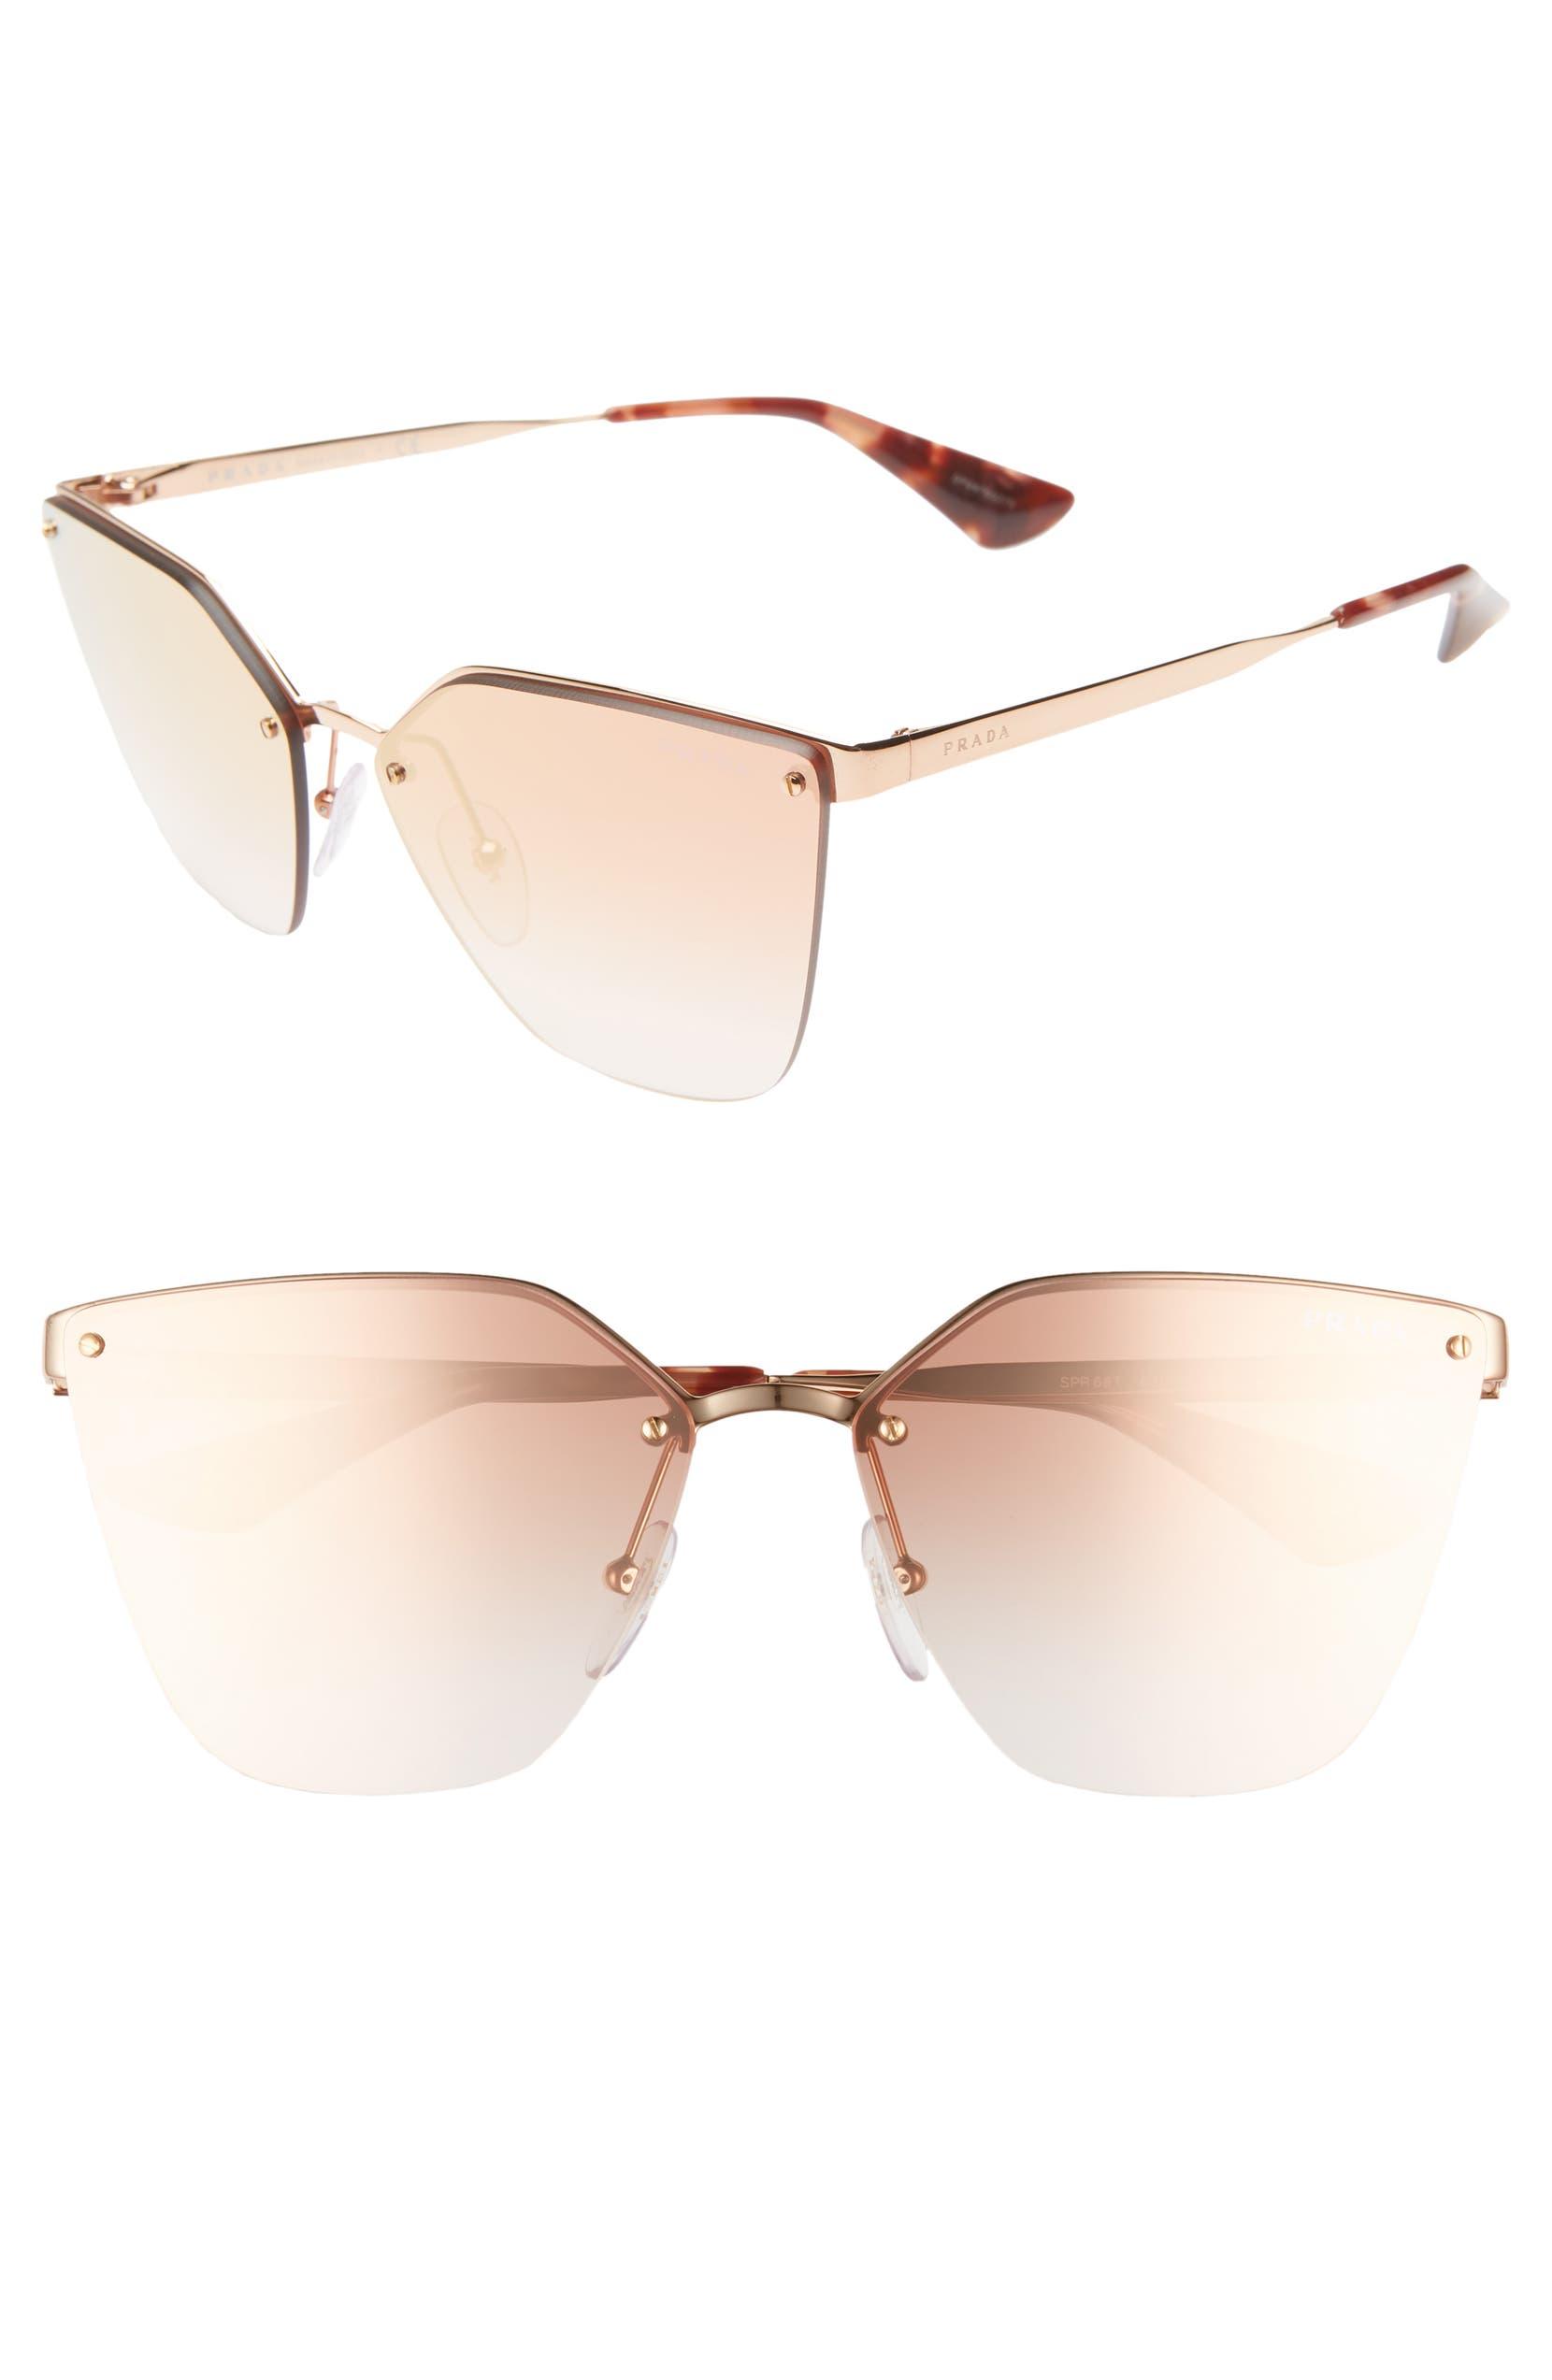 ed49113b9f88 Prada 63mm Mirrored Gradient Oversize Sunglasses